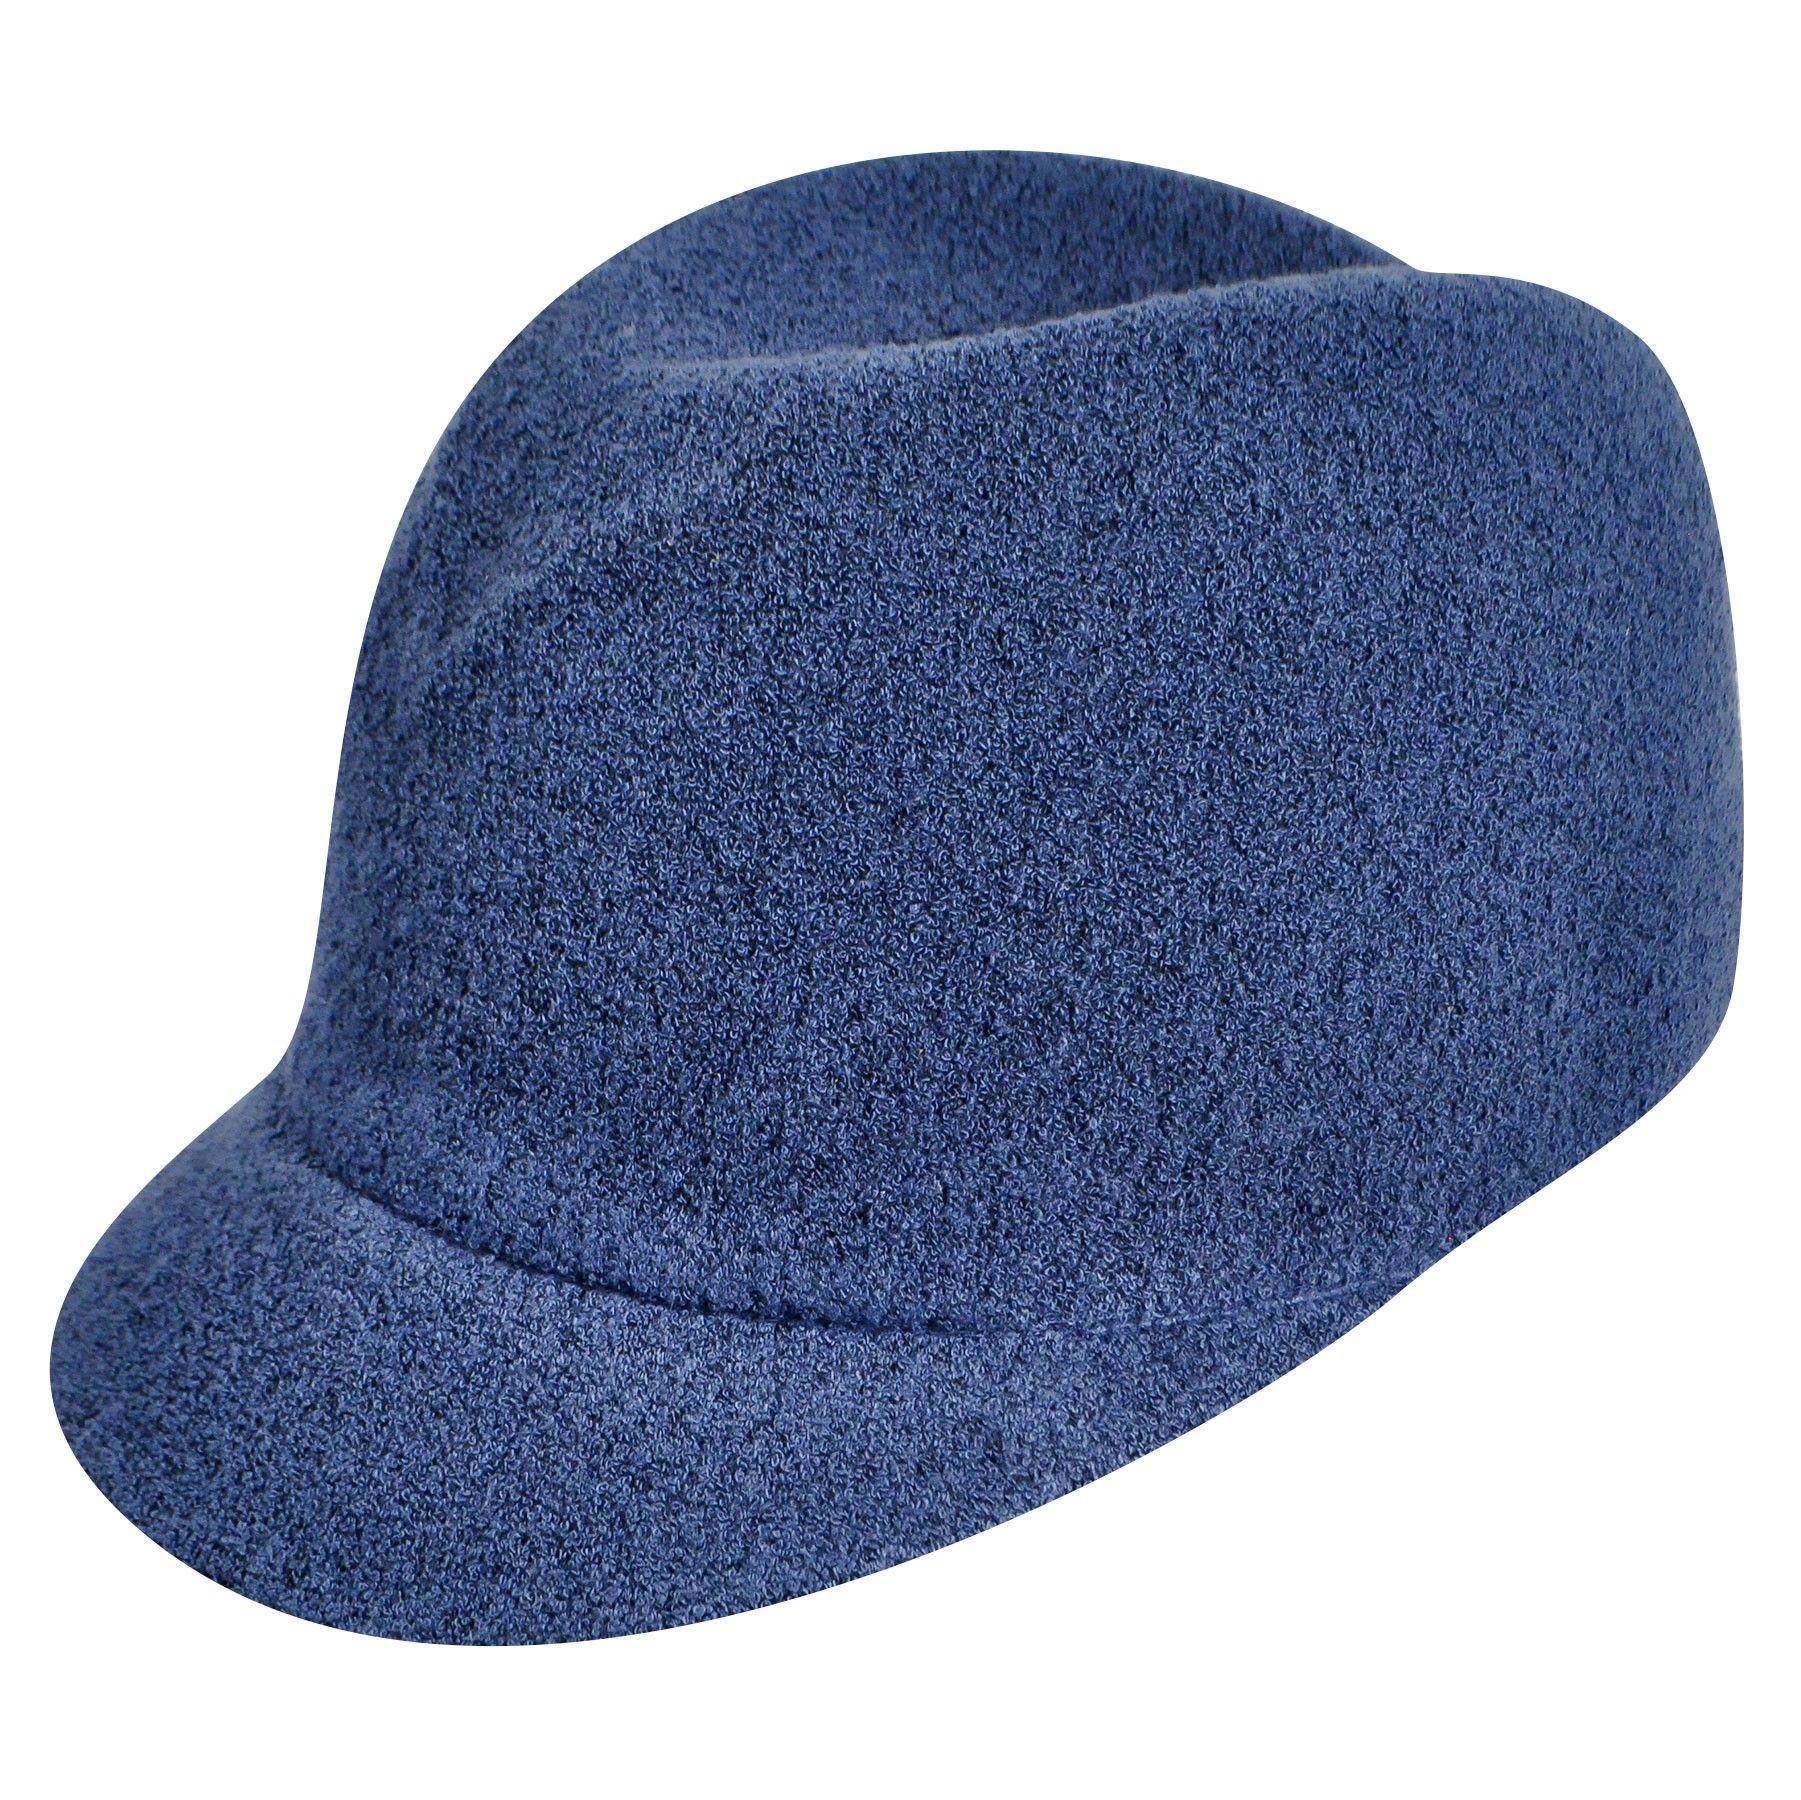 96d7758fa1d Bermuda Colette - hats.com